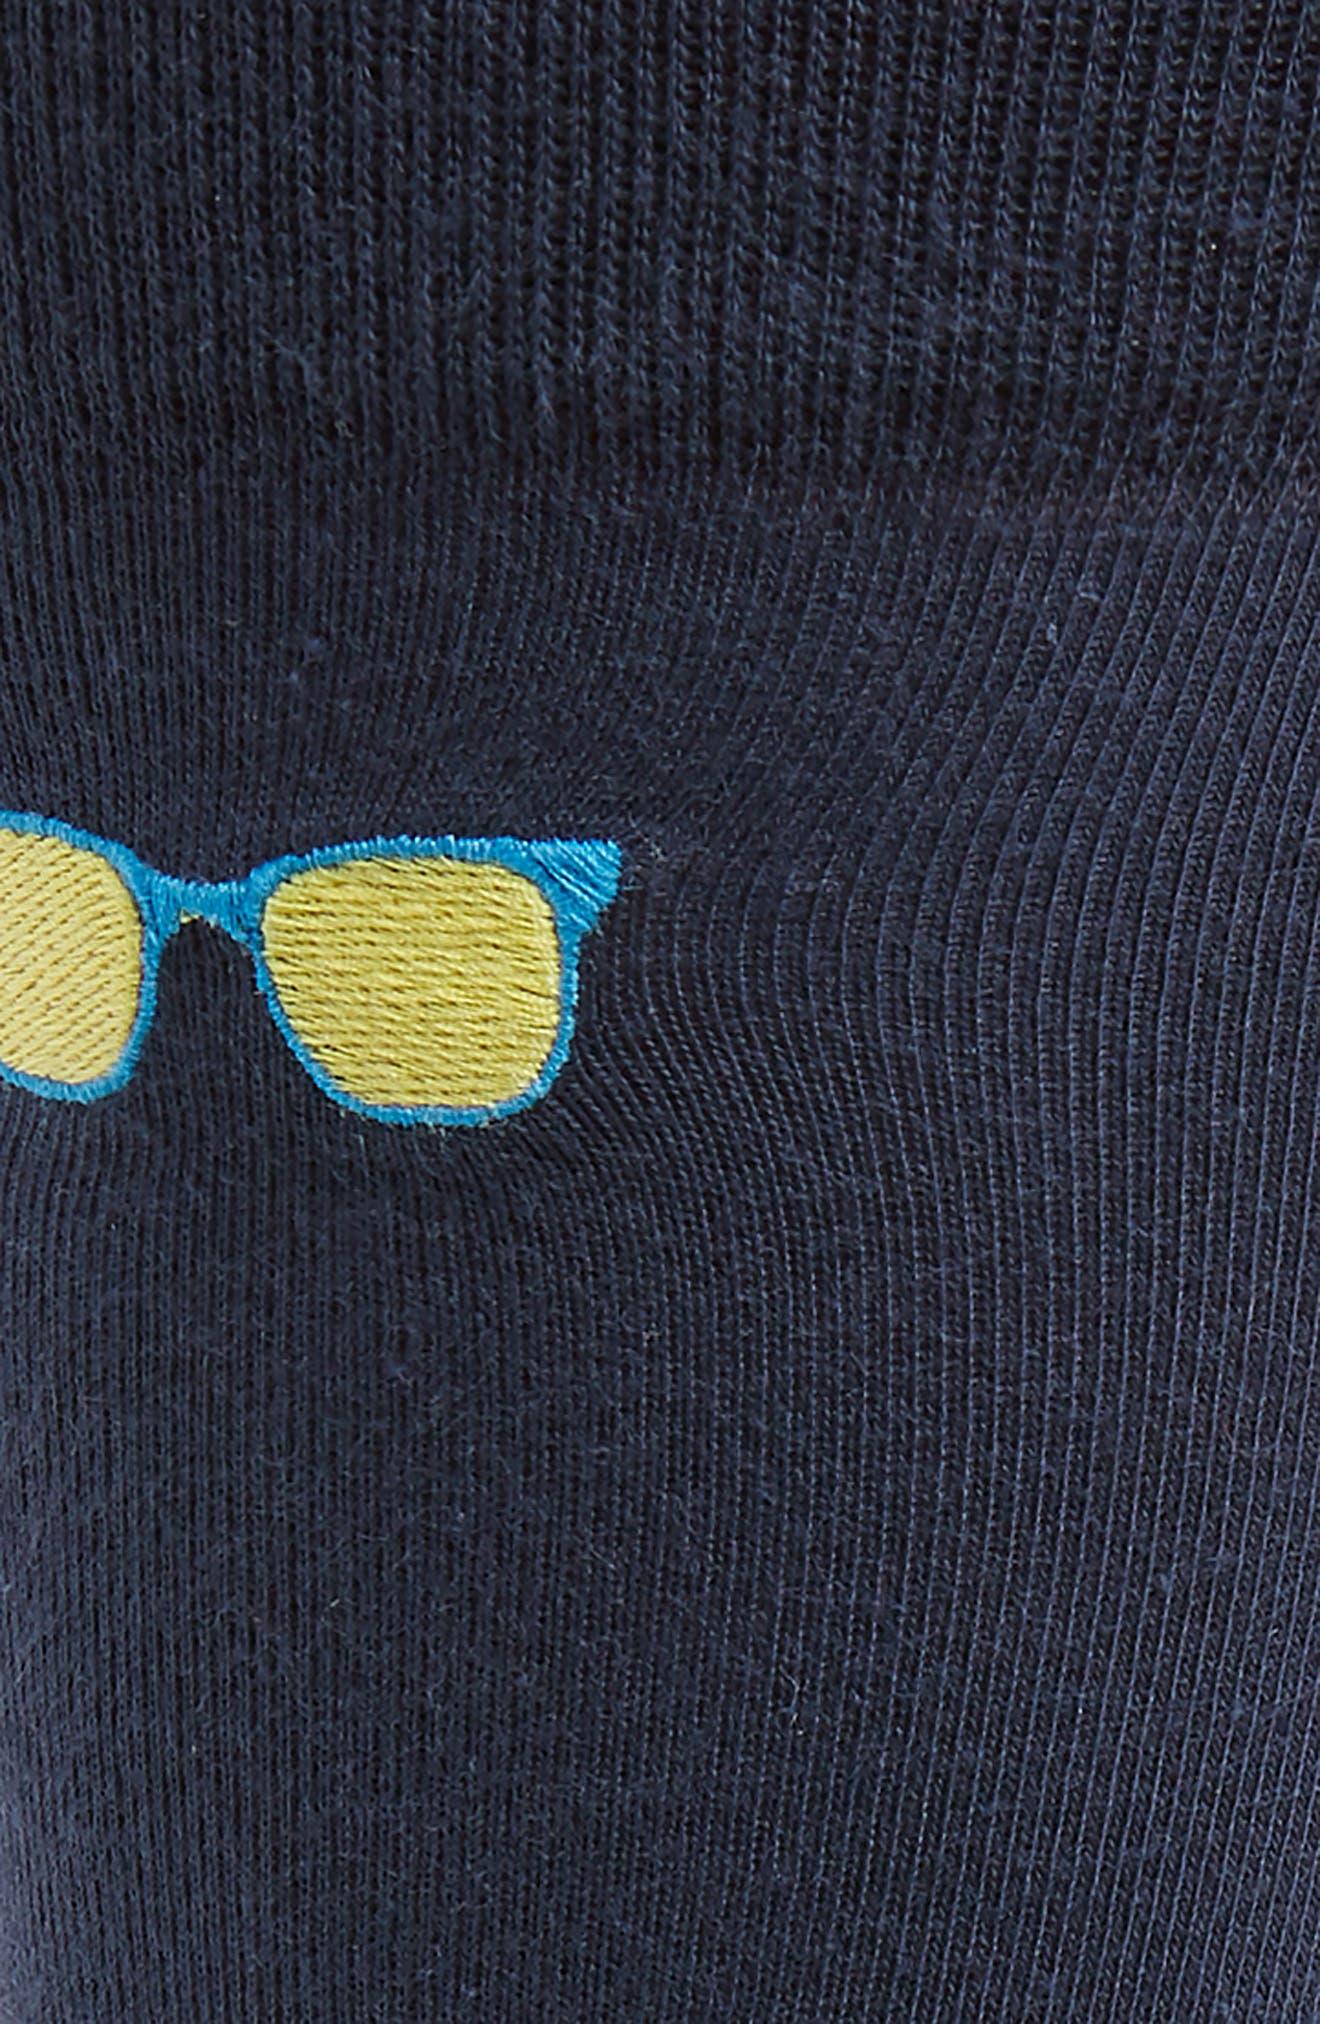 NORDSTROM MEN'S SHOP, Embroidered Sunglasses Socks, Alternate thumbnail 2, color, NAVY DUSK